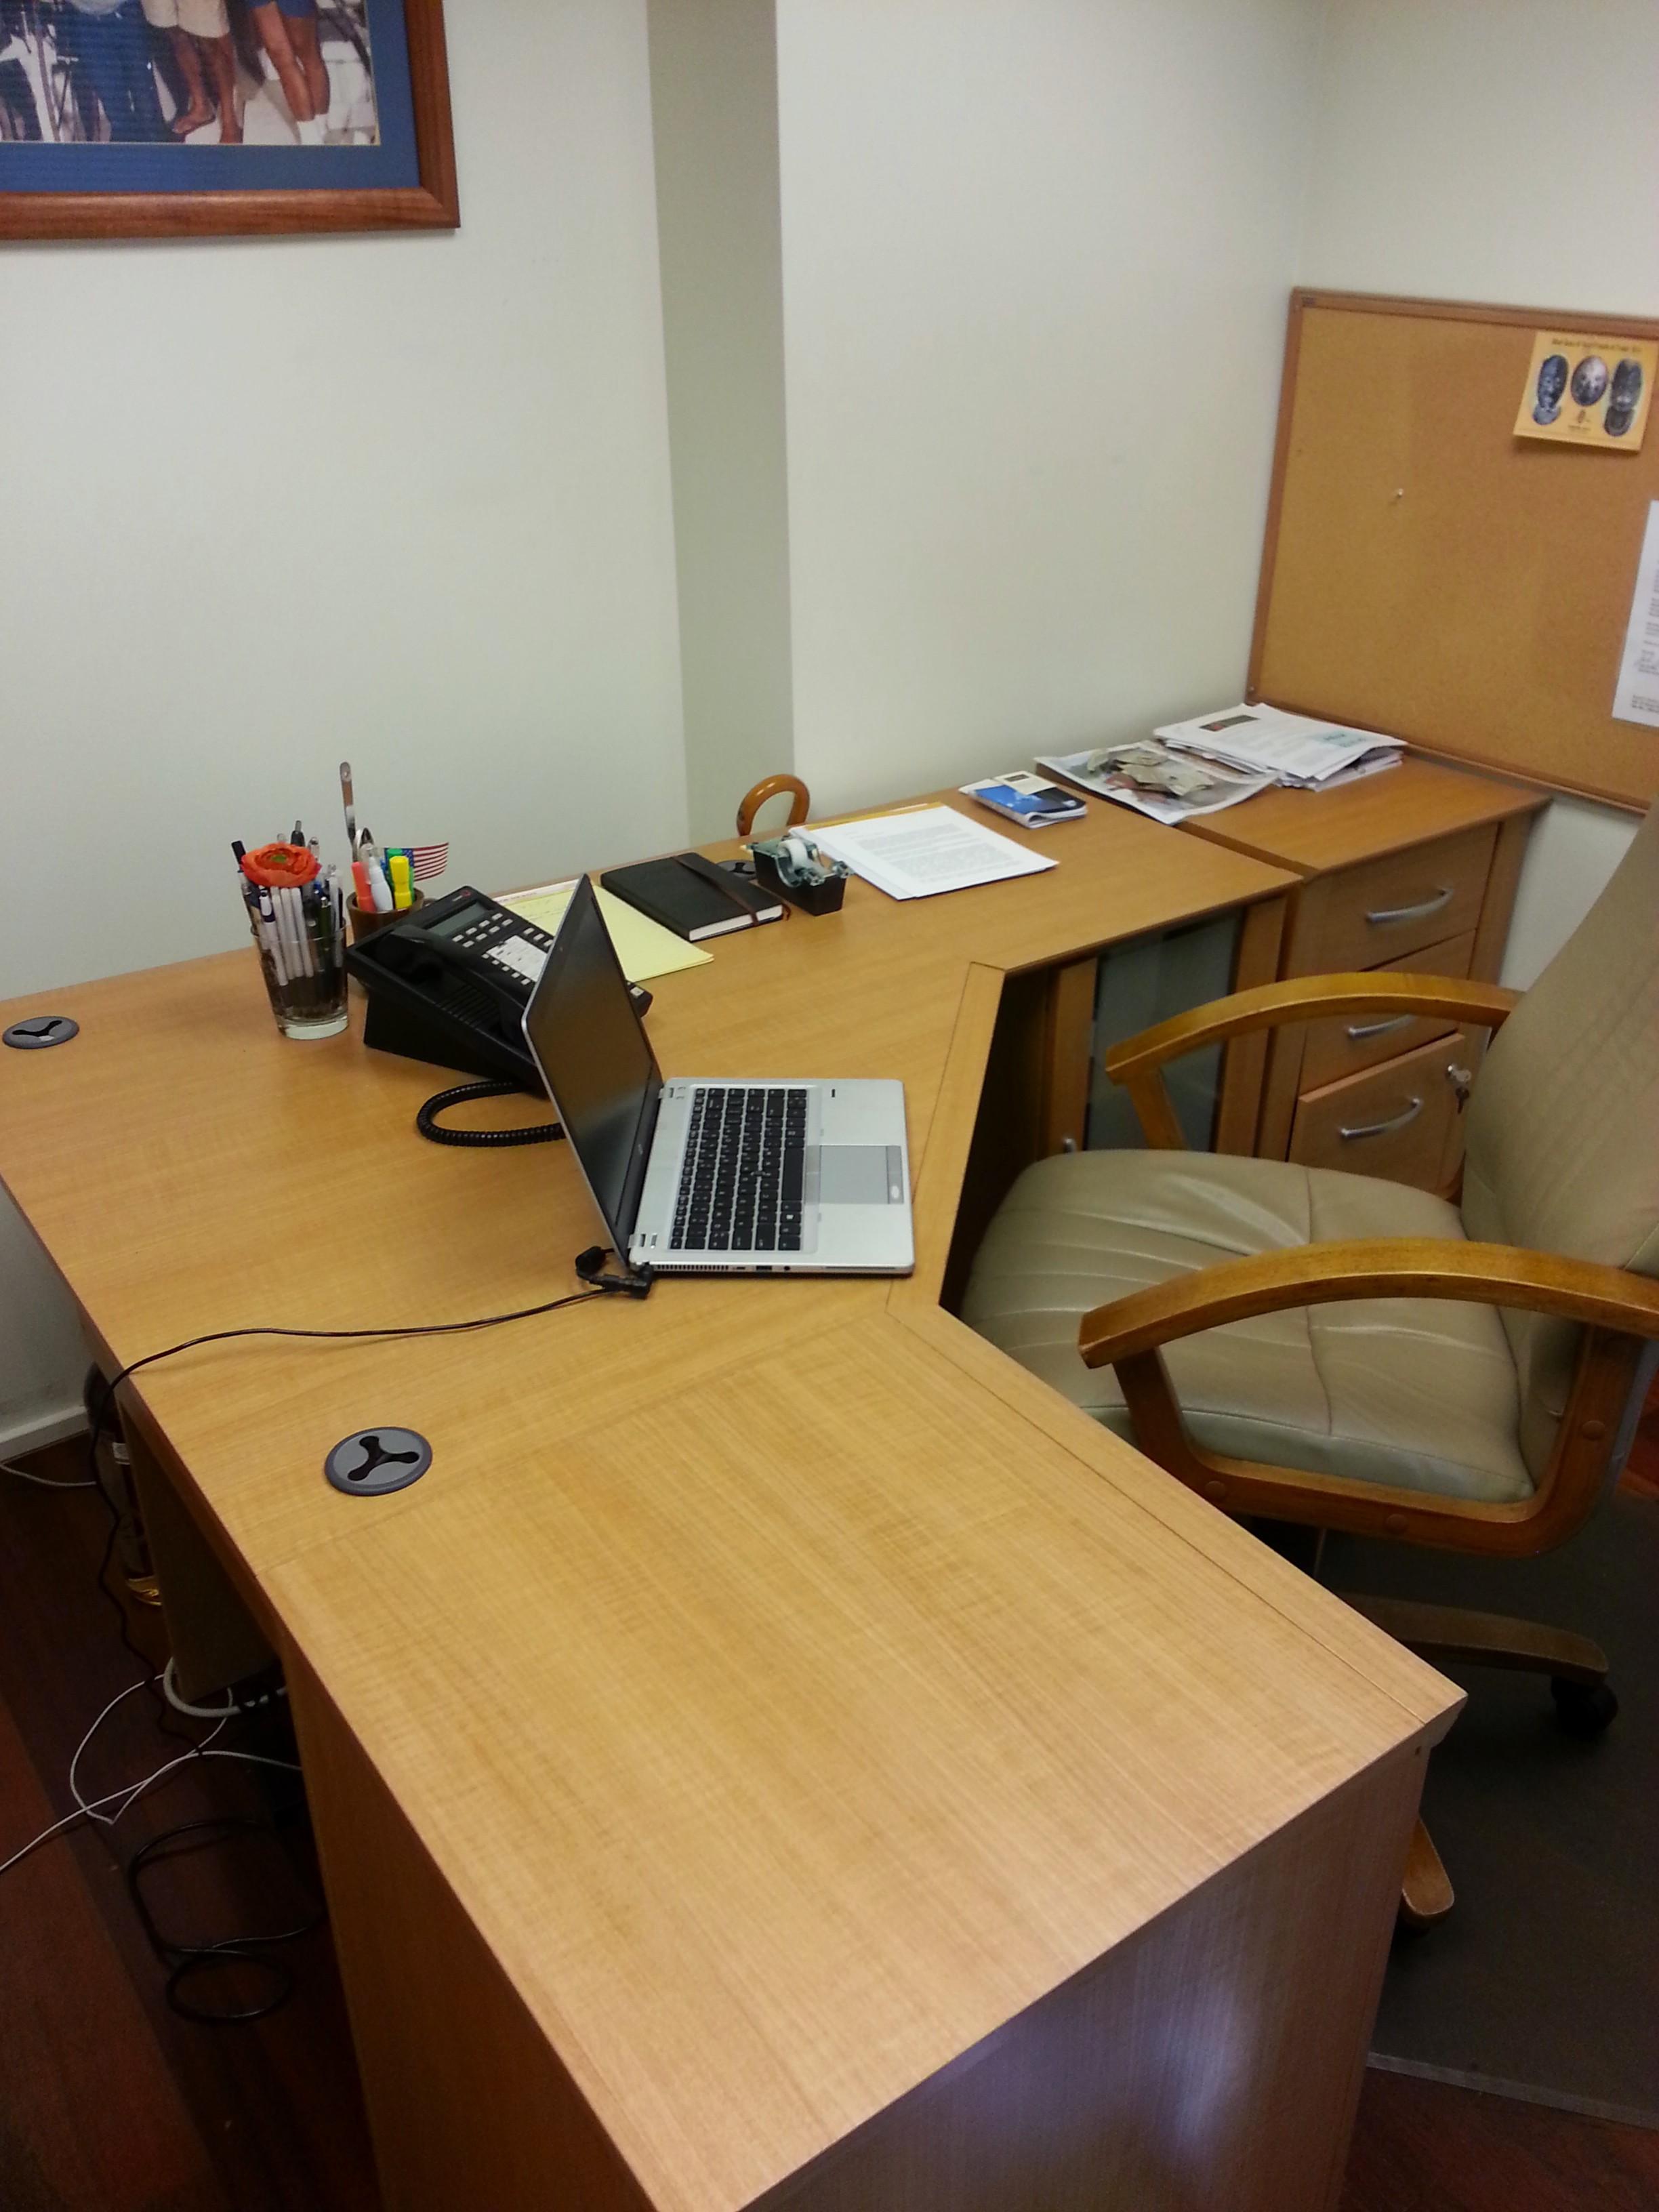 Desk after organizing